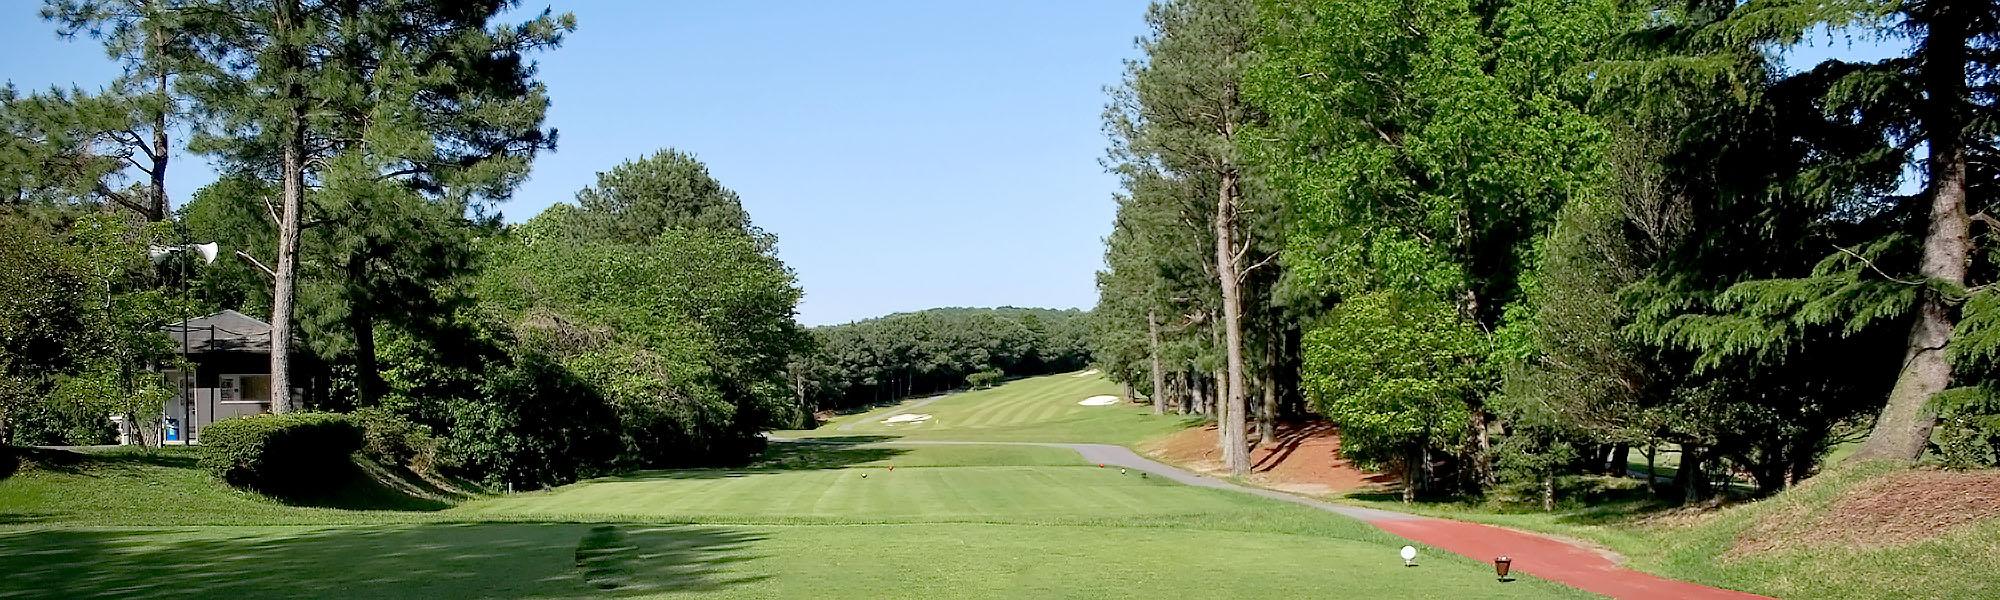 の いい ゴルフ コロナ は 場 2度目の緊急事態宣言! あなたはゴルフに行く?